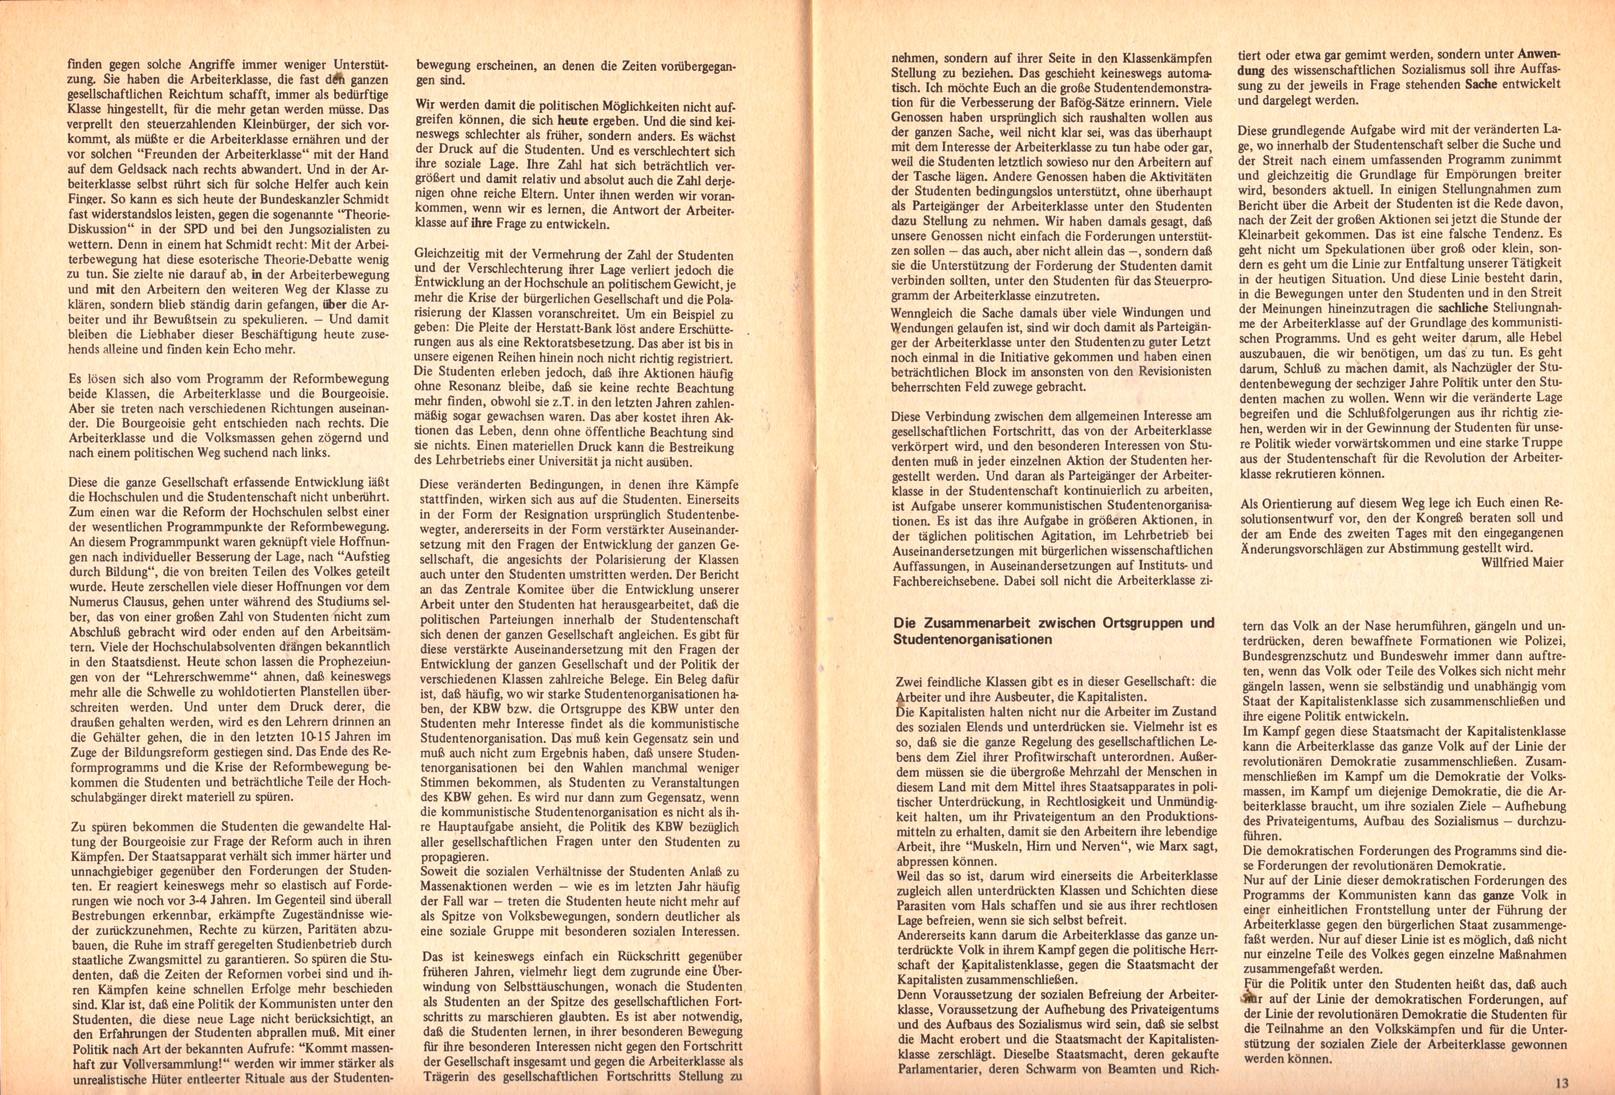 KBW_1974_Aufgaben_der_kommunistischen_Studenten_07